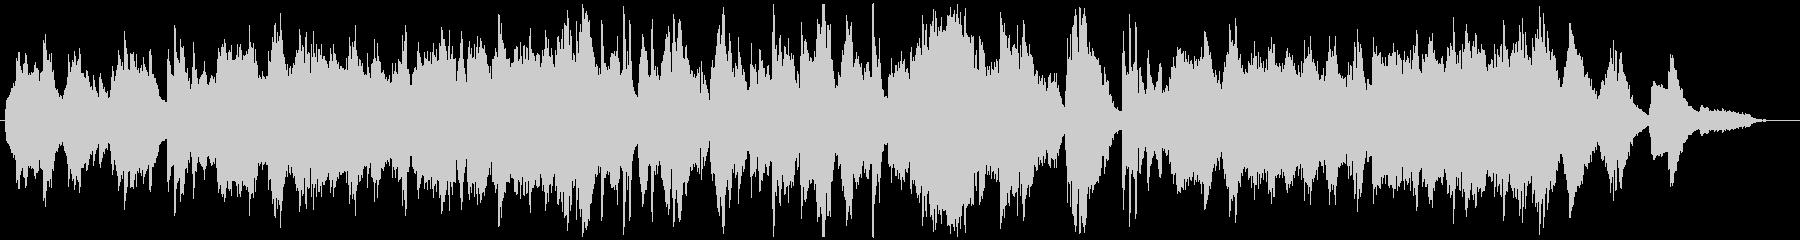 バンドネオンの悲しげなタンゴ風BGMの未再生の波形